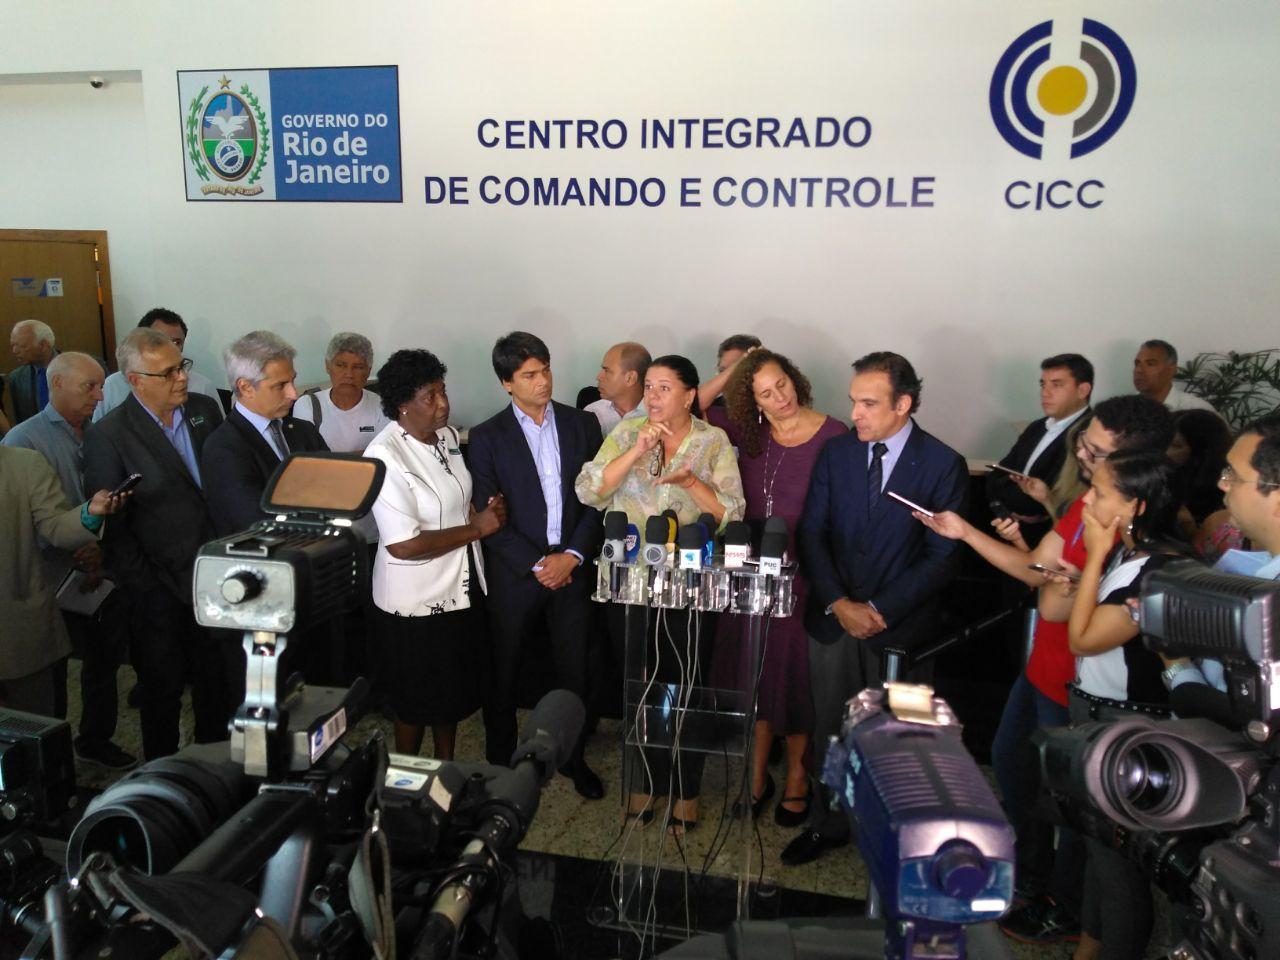 Fotos do Dia - comissão externa intervenção federal segurança Rio de Janeiro Olerj